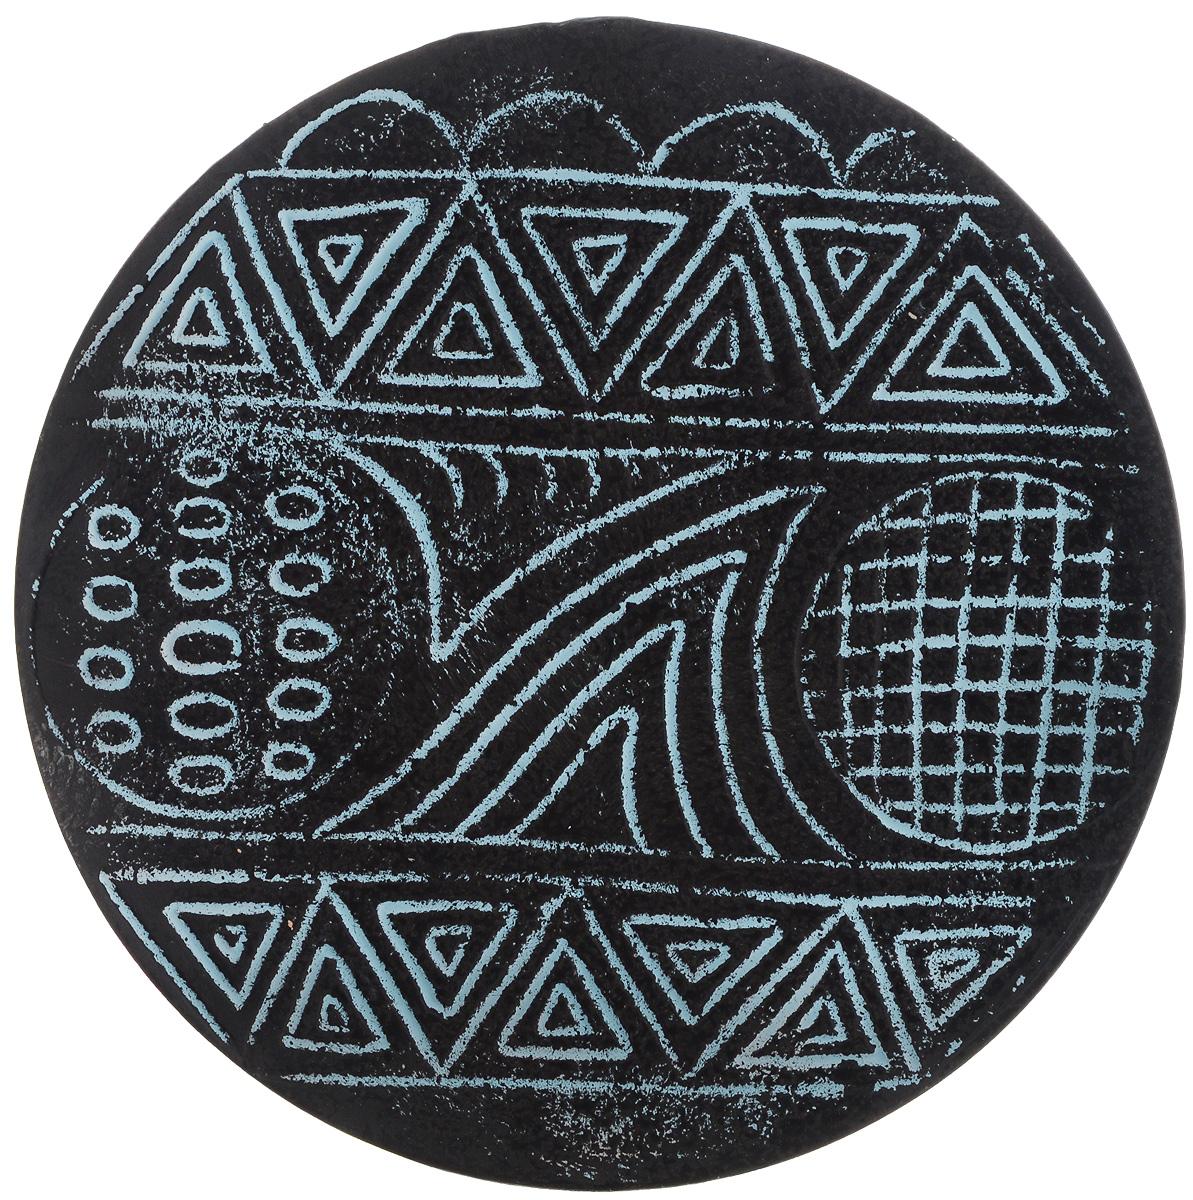 Тарелка декоративная House & Holder, диаметр 16,5 см. PX90471PX90471Тарелка House & Holder выполнена из высококачественной керамики. Тарелка круглой формы украшена оригинальным принтом. Она сочетает в себе оригинальный дизайн с максимальной функциональностью. Диаметр тарелки: 16,5 см. Высота: 1,5 см.